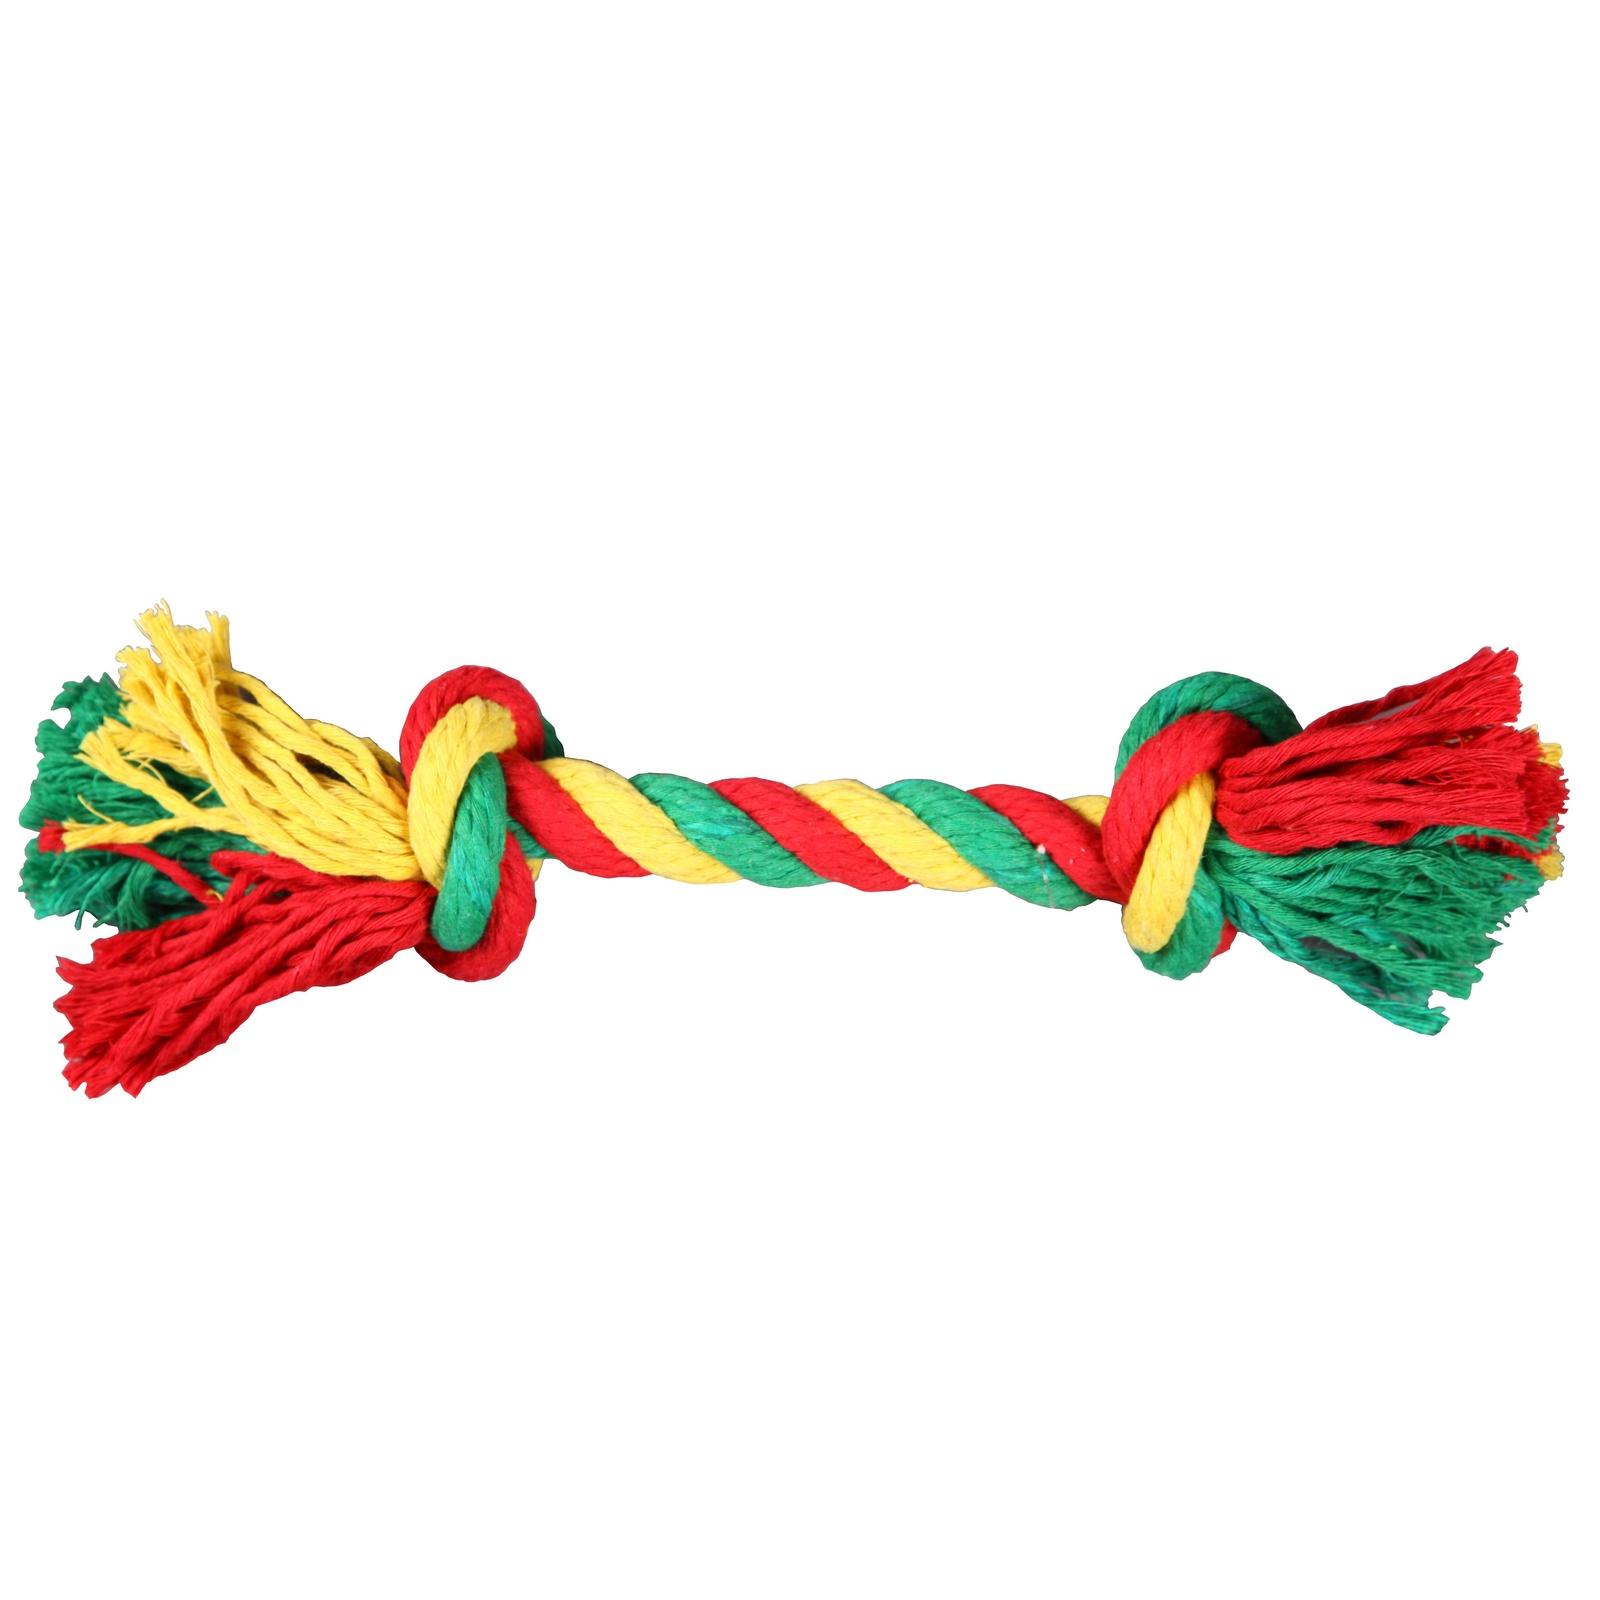 Игрушка для животных JOY Веревка 2 узла JOY текстильная игрушка для собак 2РУА00106